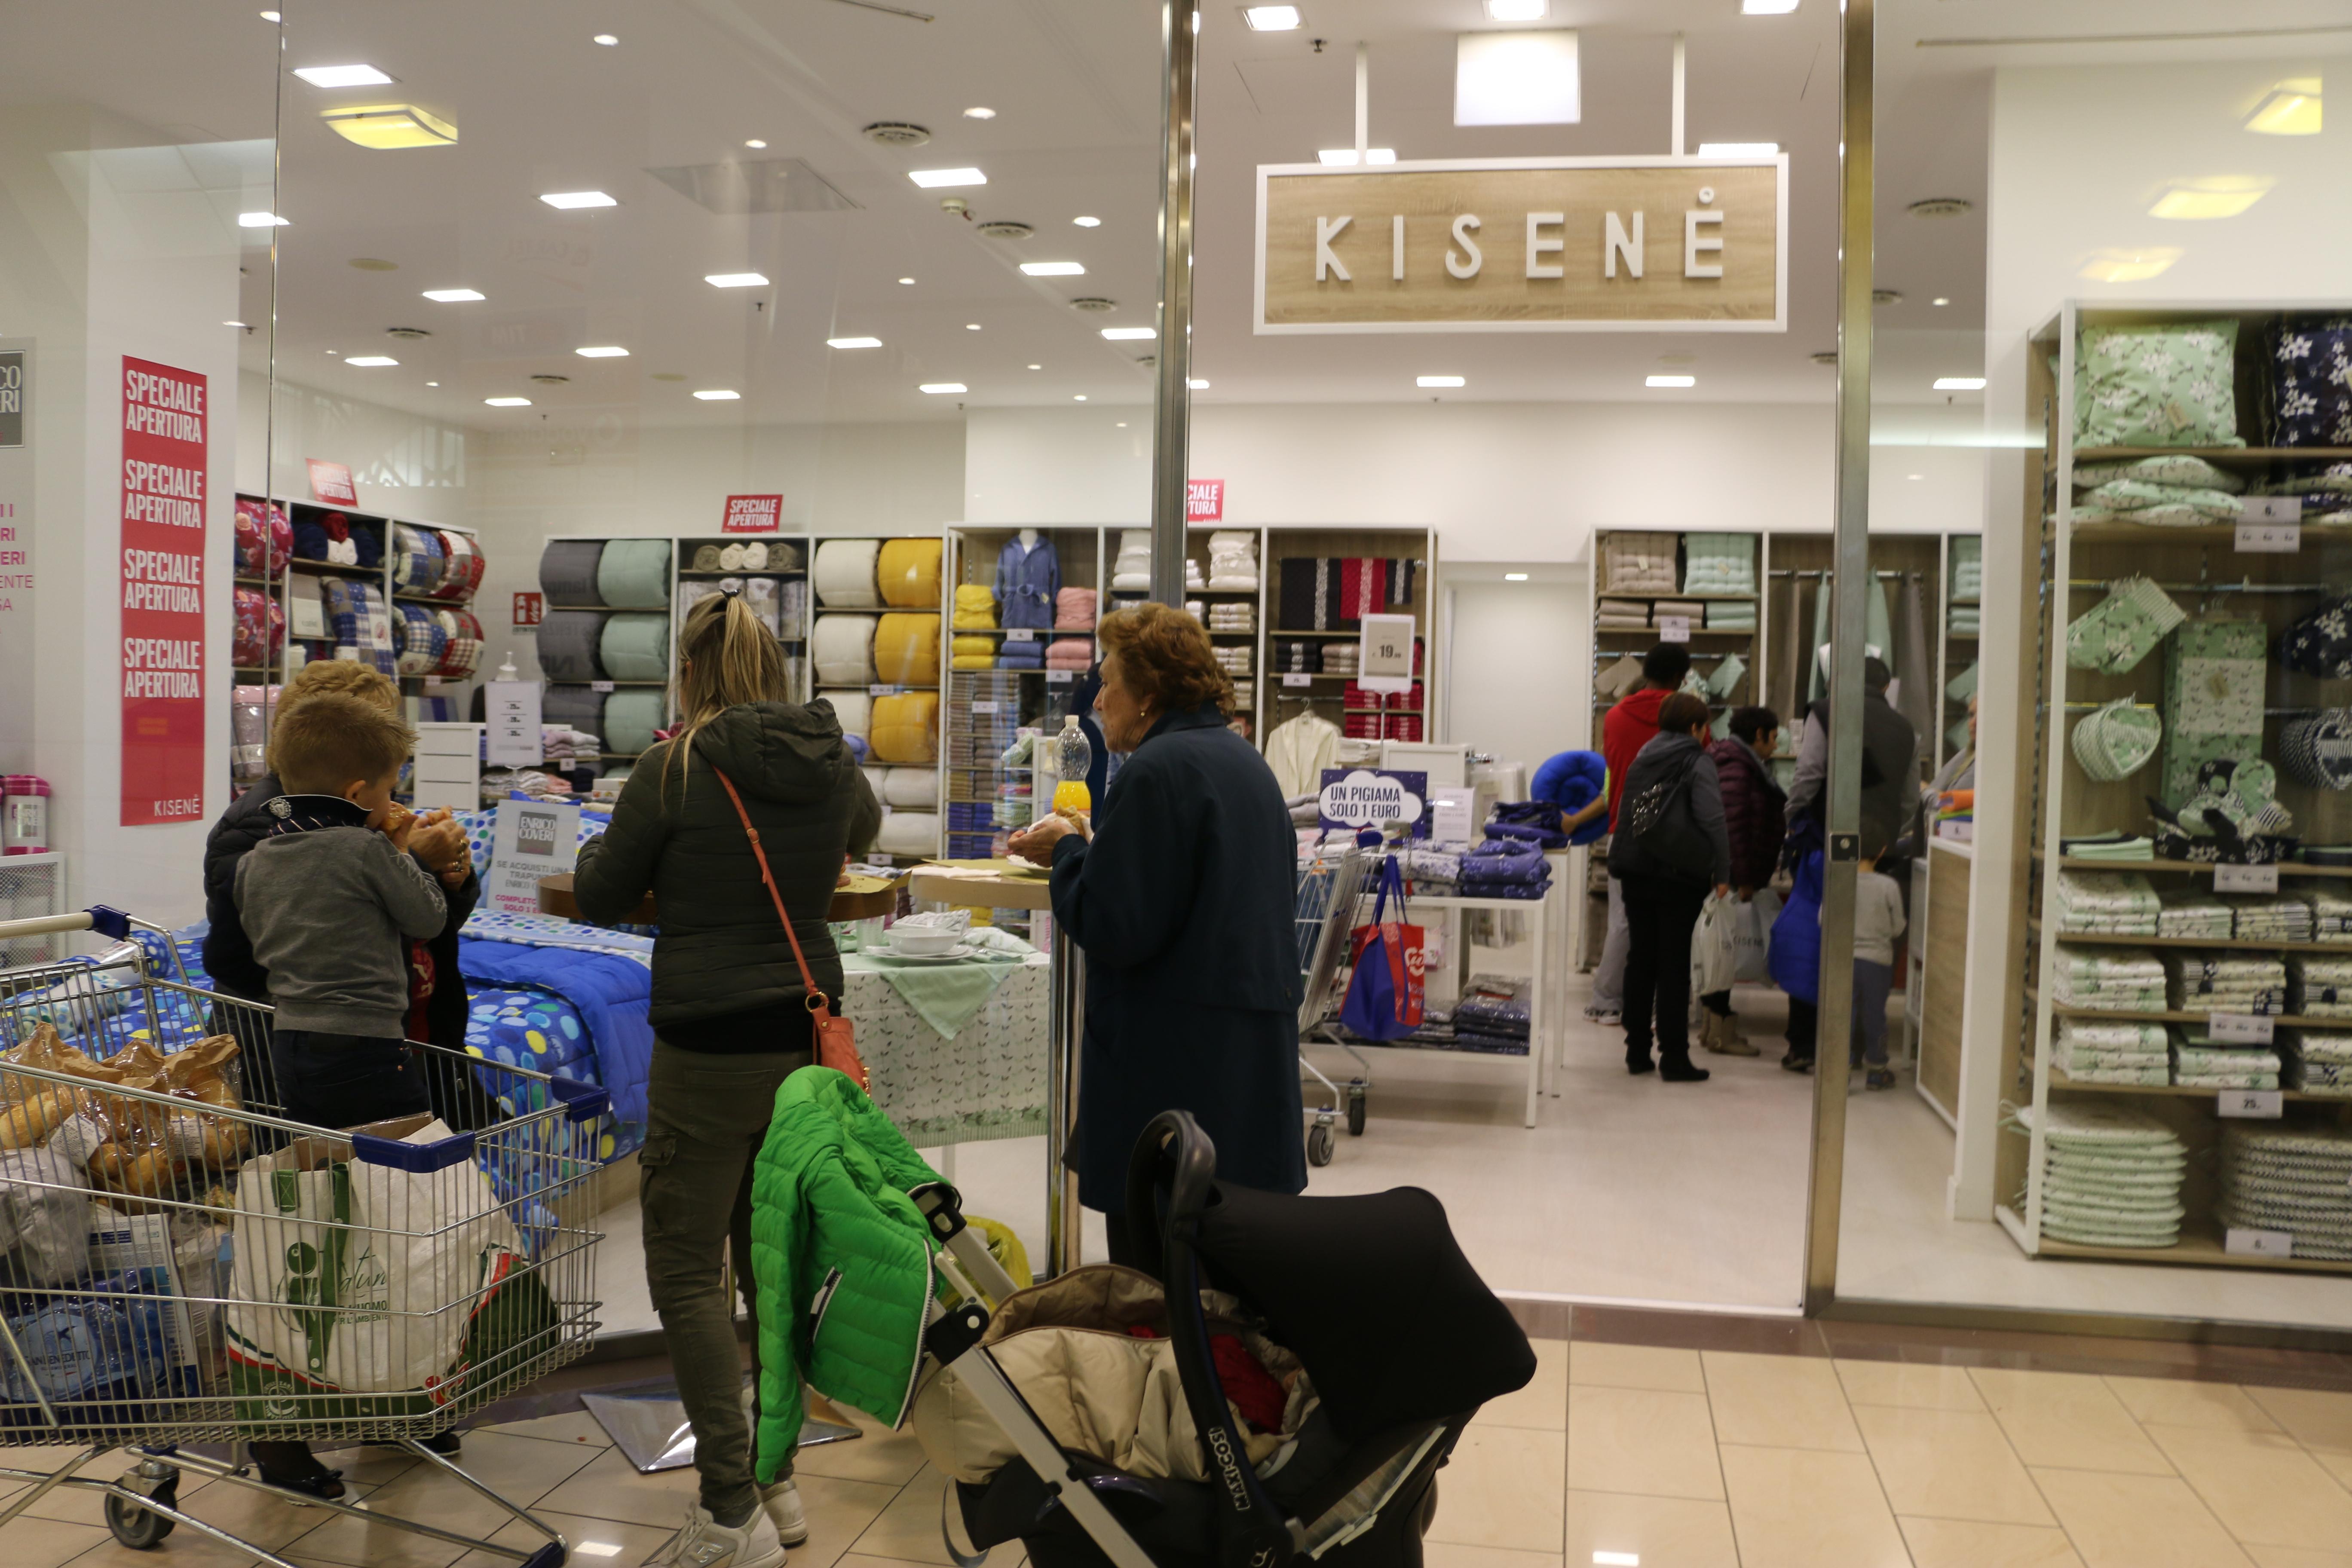 """e1289fb4e3 Sabato mattina è stato inaugurato il negozio di biancheria per la casa del  Brand Kisenè presso il Centro Commerciale """"Il Gigante""""."""